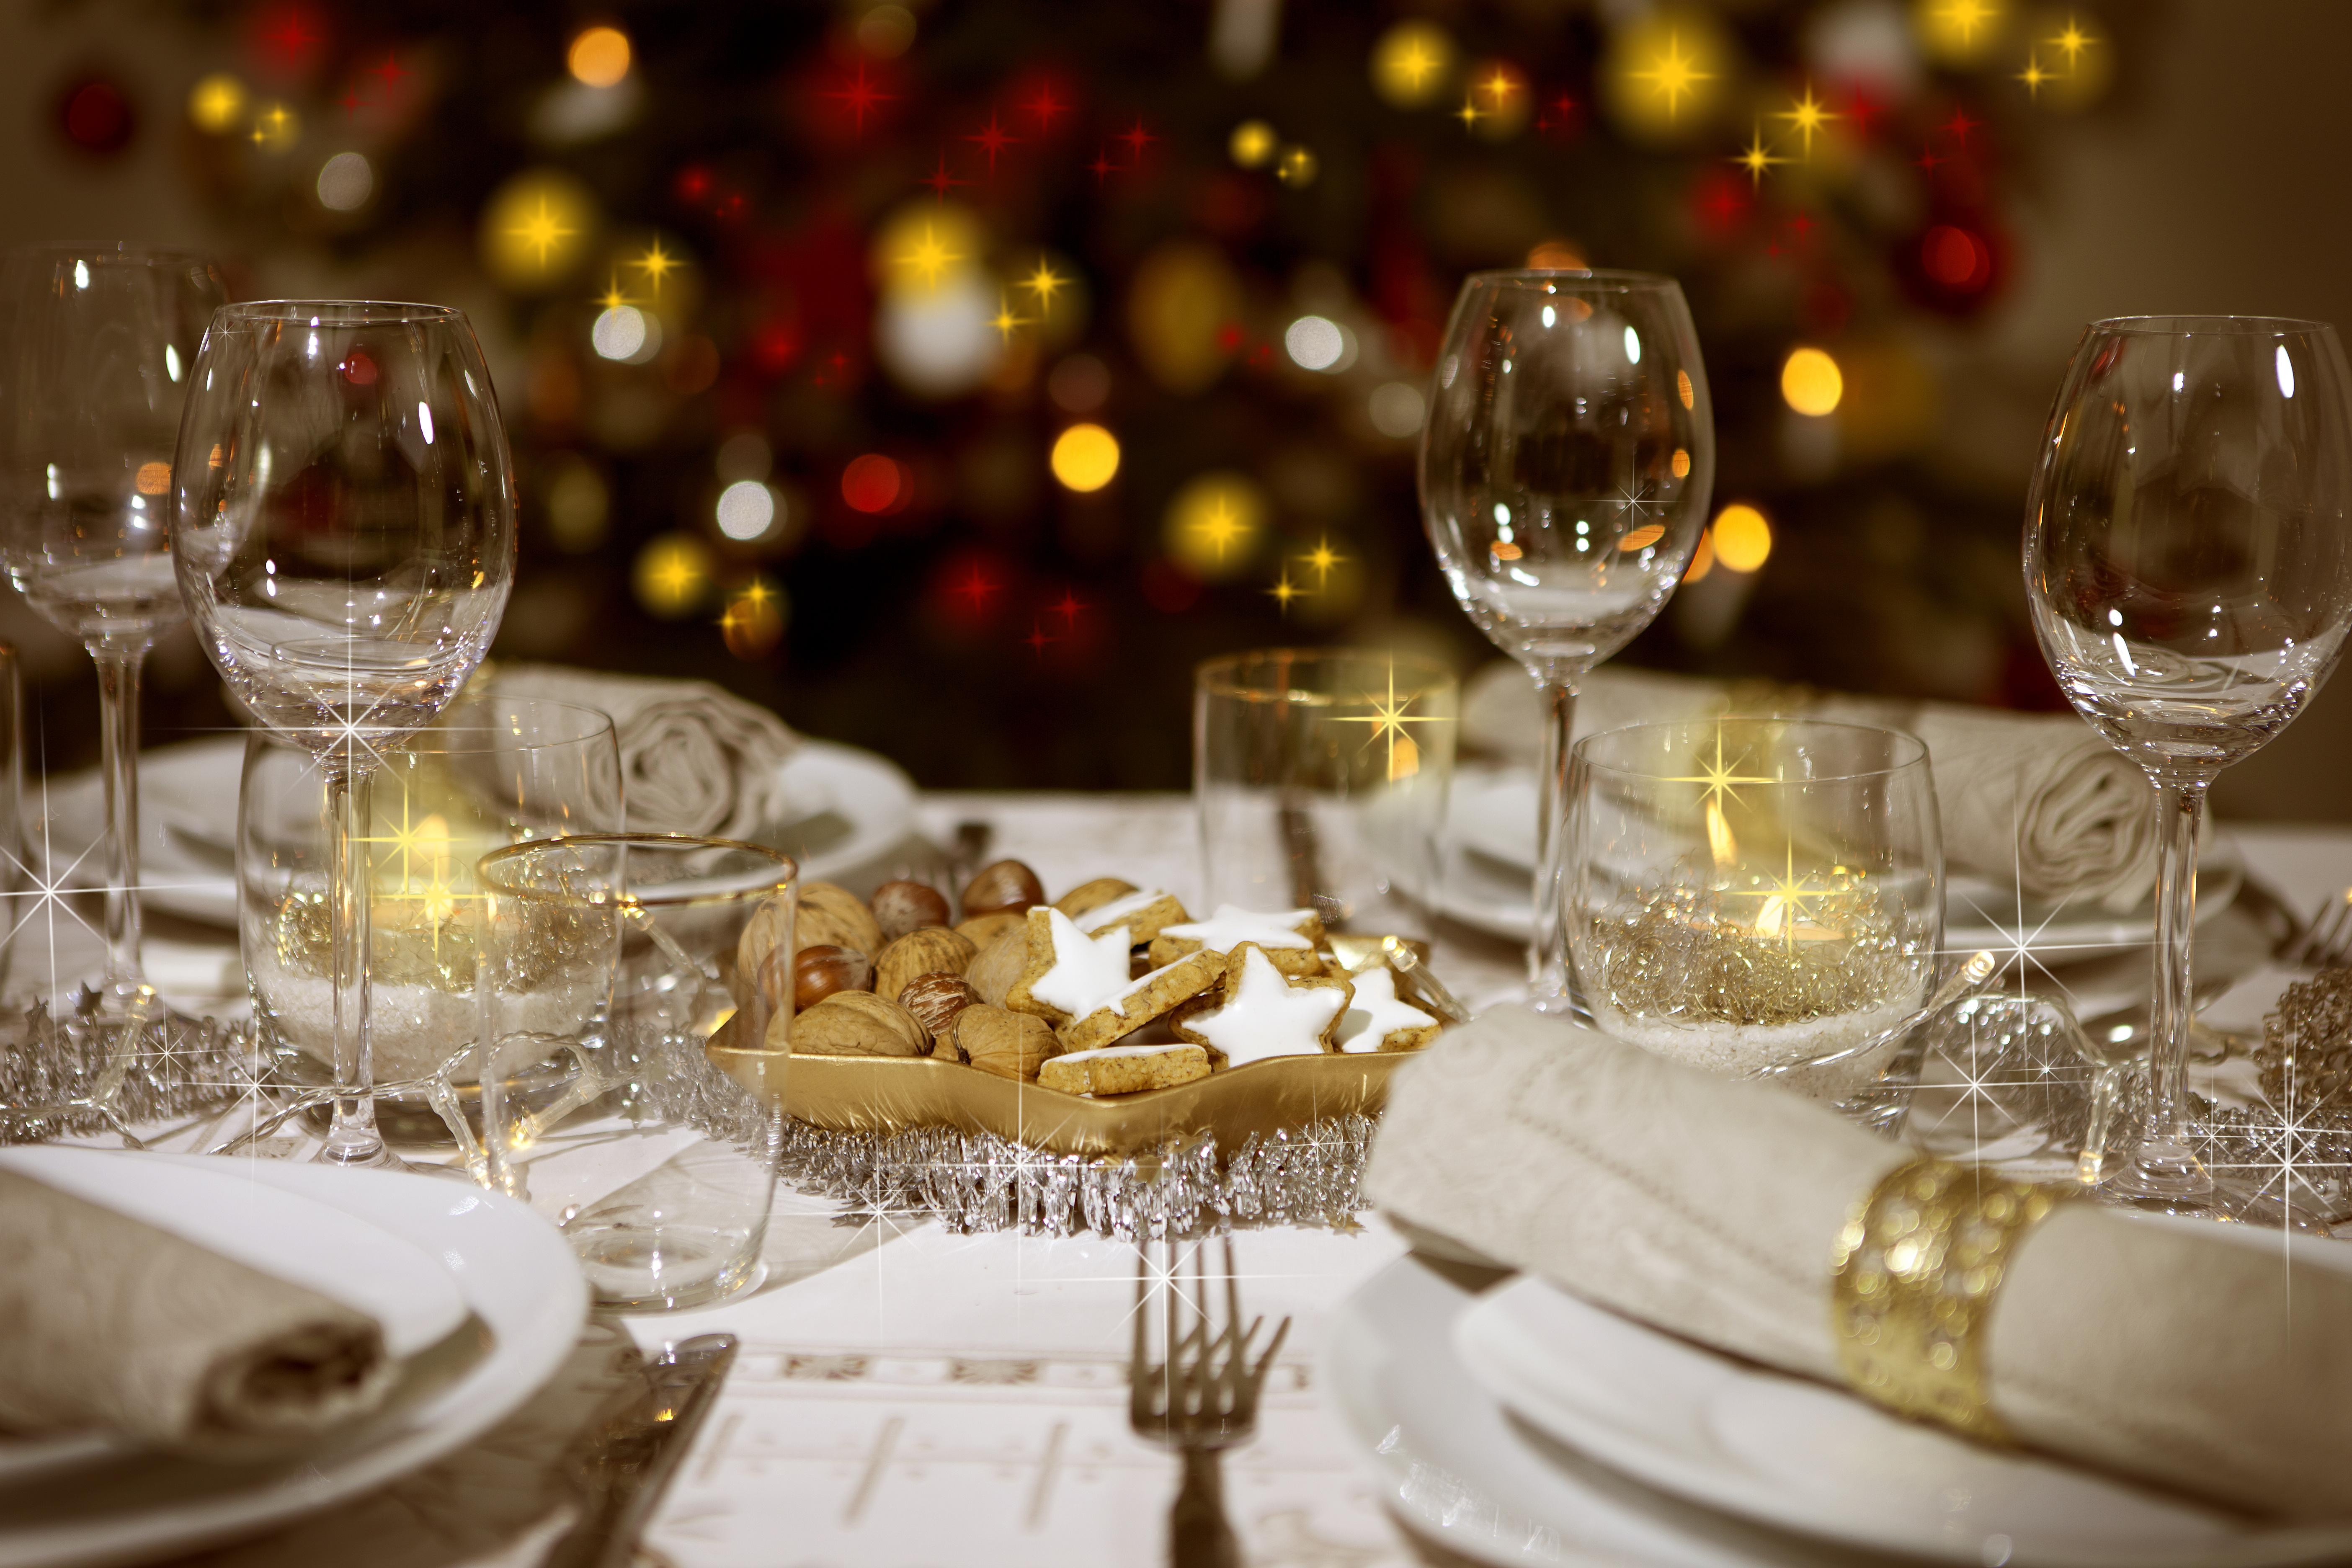 Idées de menus de noël : repas et recettes de Noël et Nouvel An